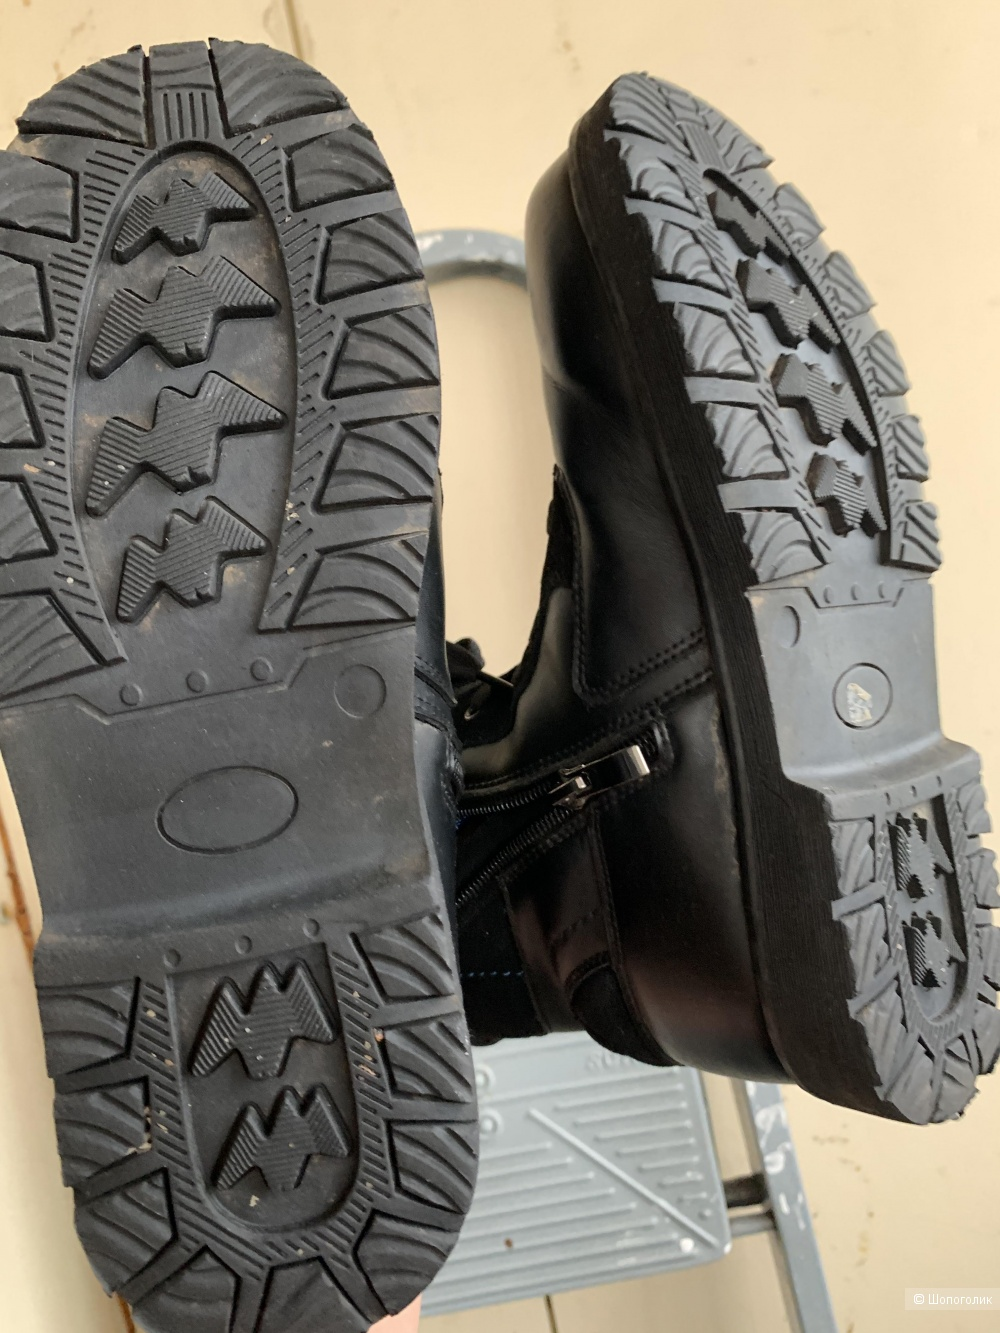 Ботинки orthoboom. 37 размер